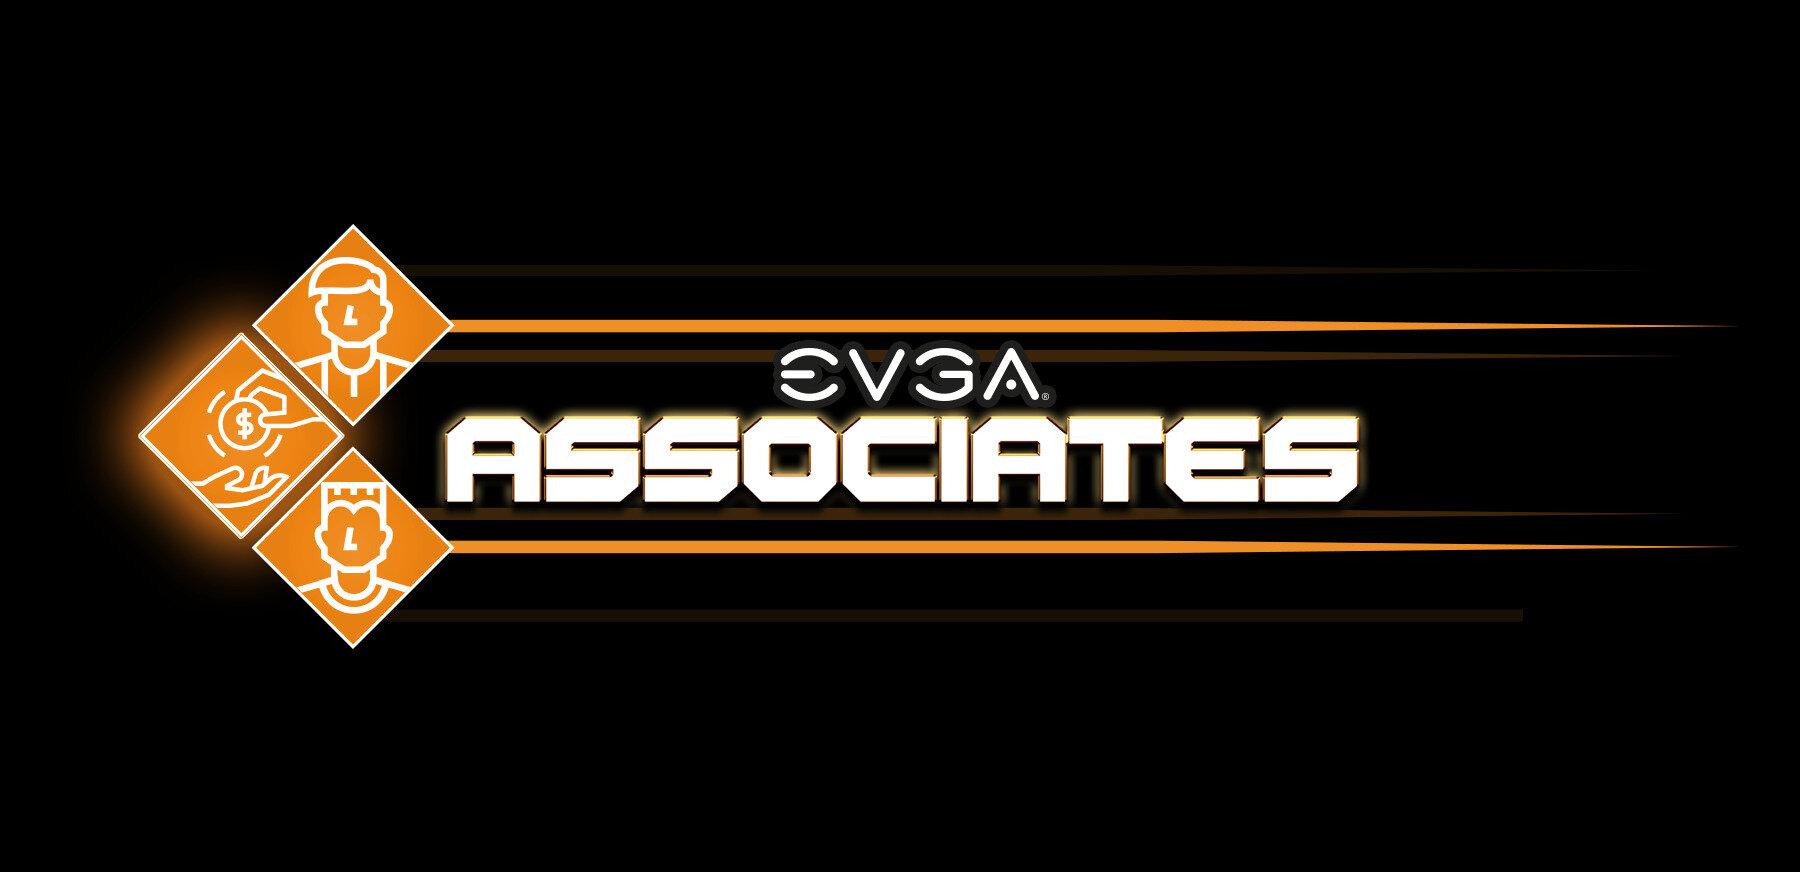 Avec Associates, EVGA mise sur le parrainage pour développer sa vente en direct